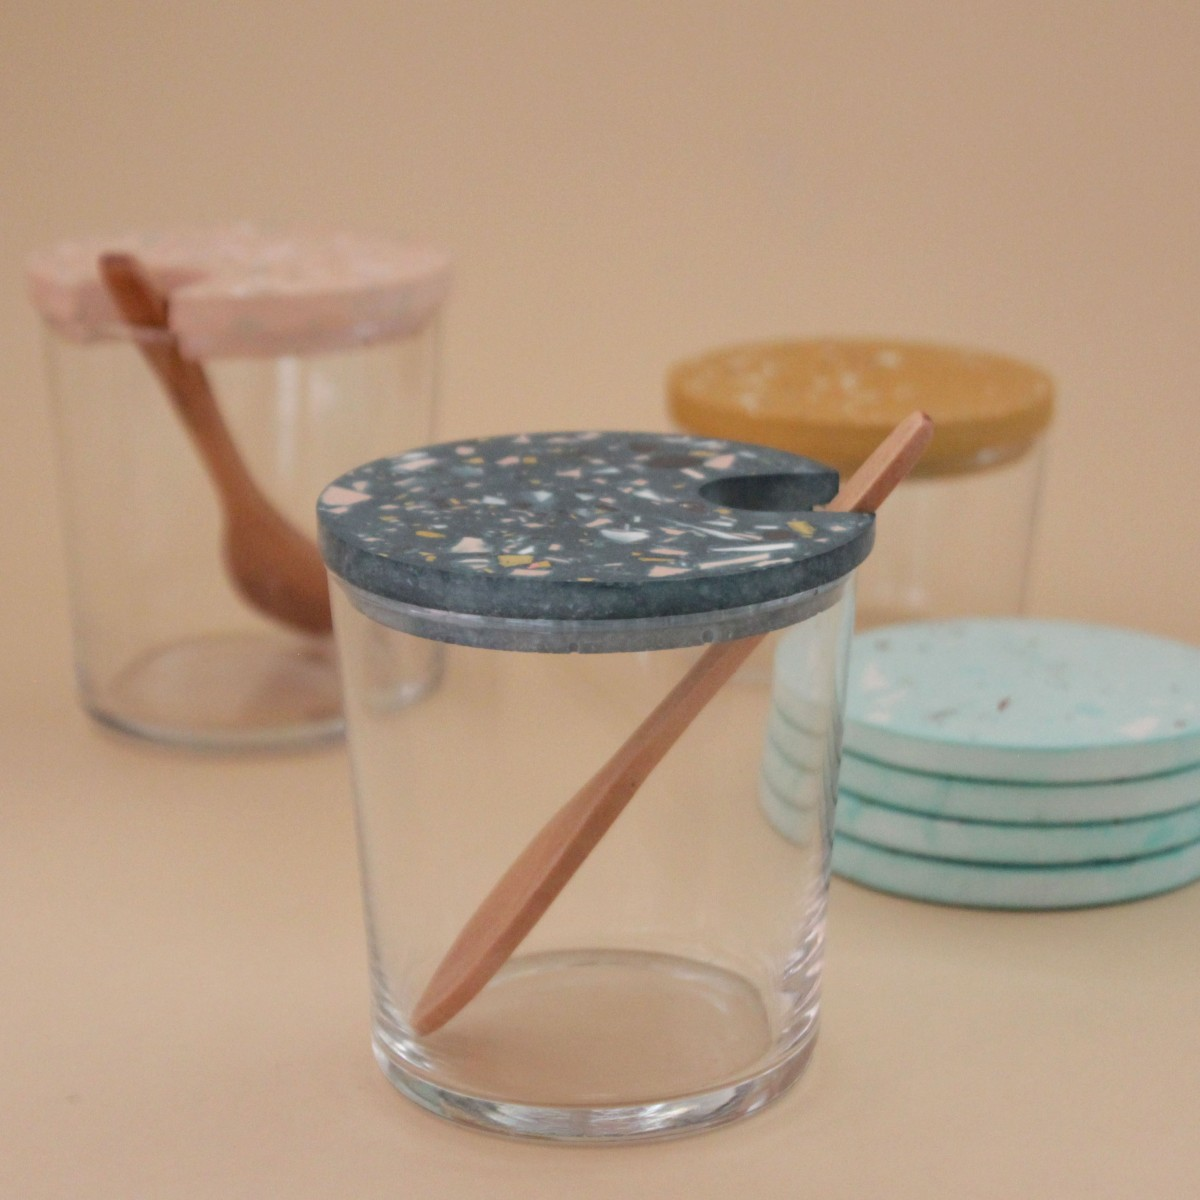 Terrazzo Großes Glas mit Holzlöffel / Petrol / objet vague